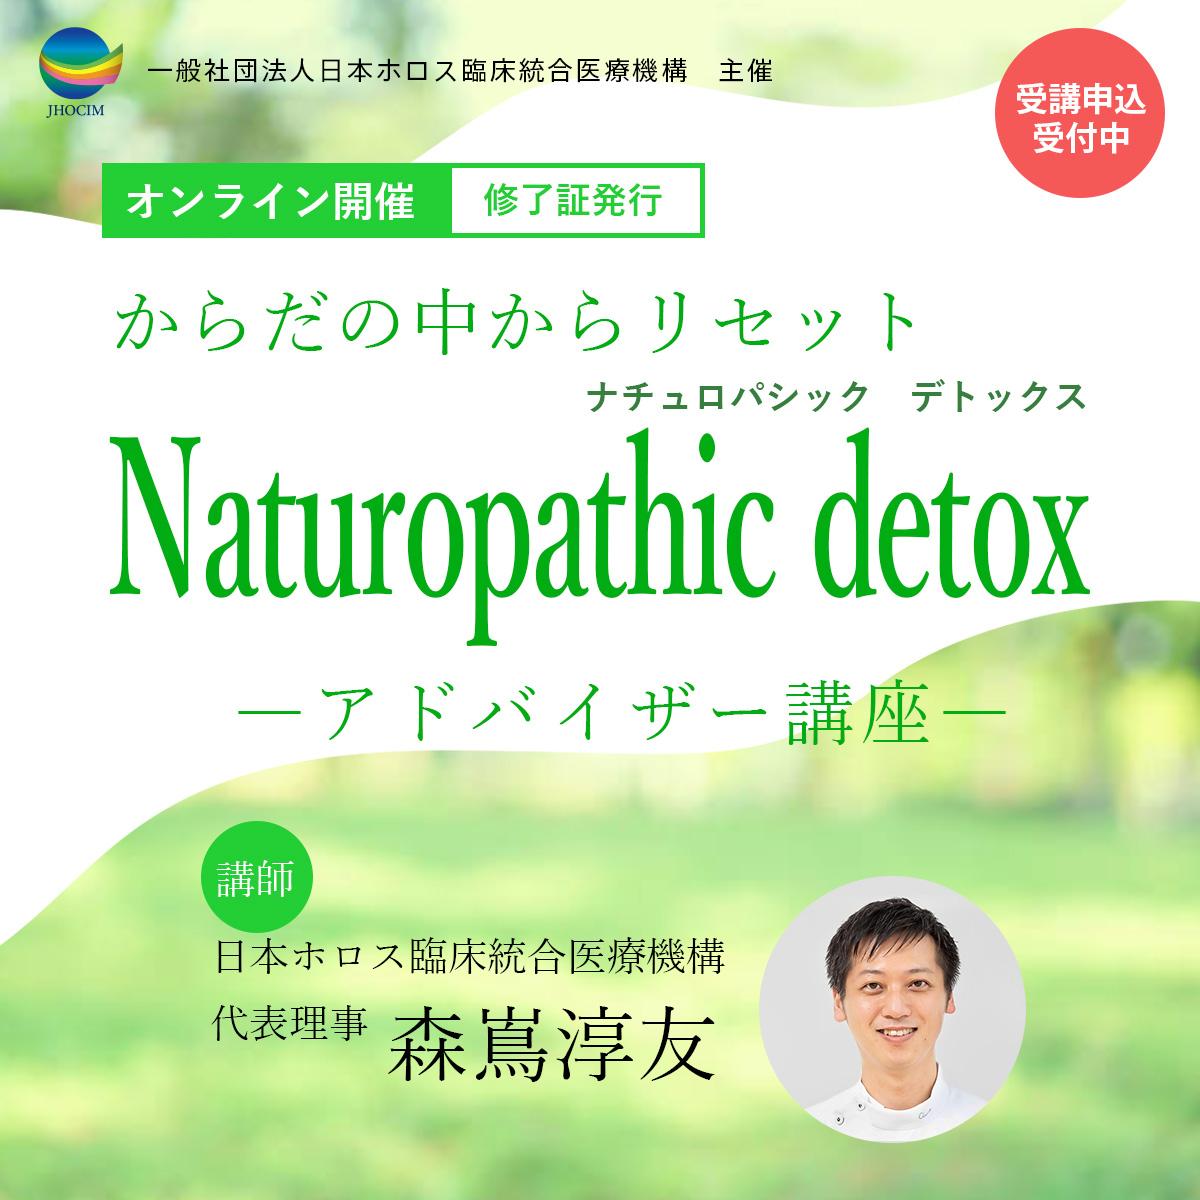 Naturopathicdetox.jpg